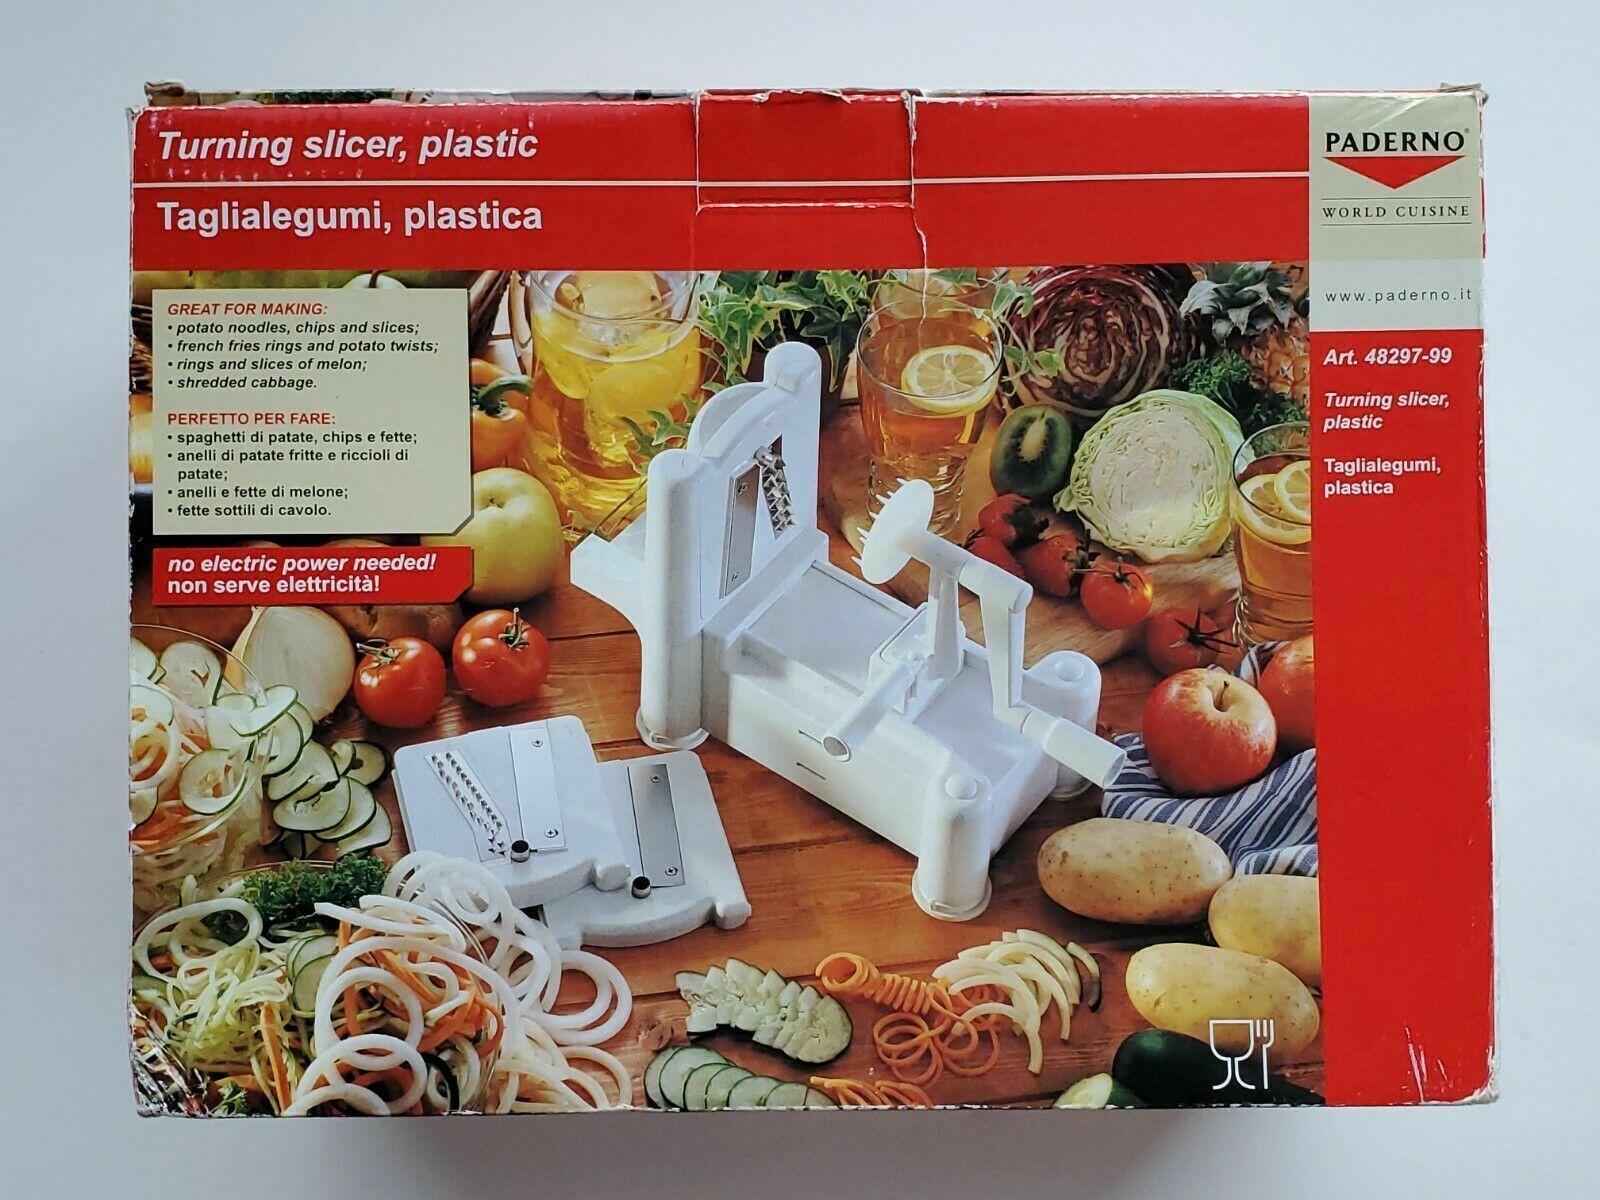 Top PADERNO WORLD CUISINE VEGETABLE AND FRUIT SPIRALIZER, Turning Slicer, pasta